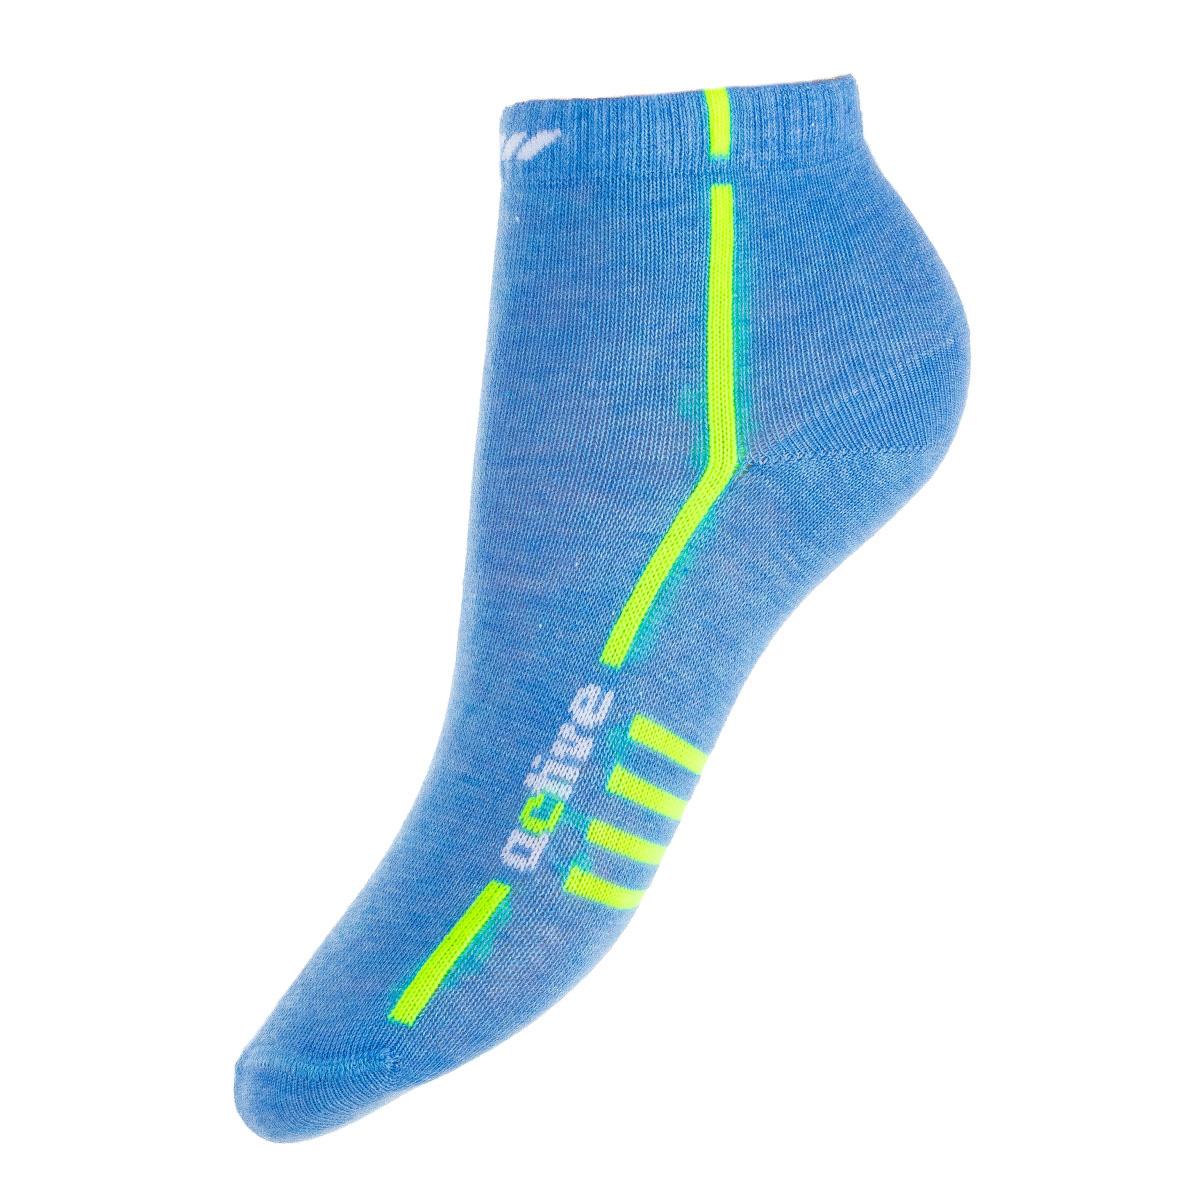 НоскиACTIVE13210-235Удобные носки для мальчика Conte-Kids Active, изготовленные из высококачественного комбинированного материала, очень мягкие и приятные на ощупь, позволяют коже дышать. Эластичная резинка плотно облегает ногу, не сдавливая ее, обеспечивая комфорт и удобство. Удобные и комфортные носки великолепно подойдут к любой обуви.